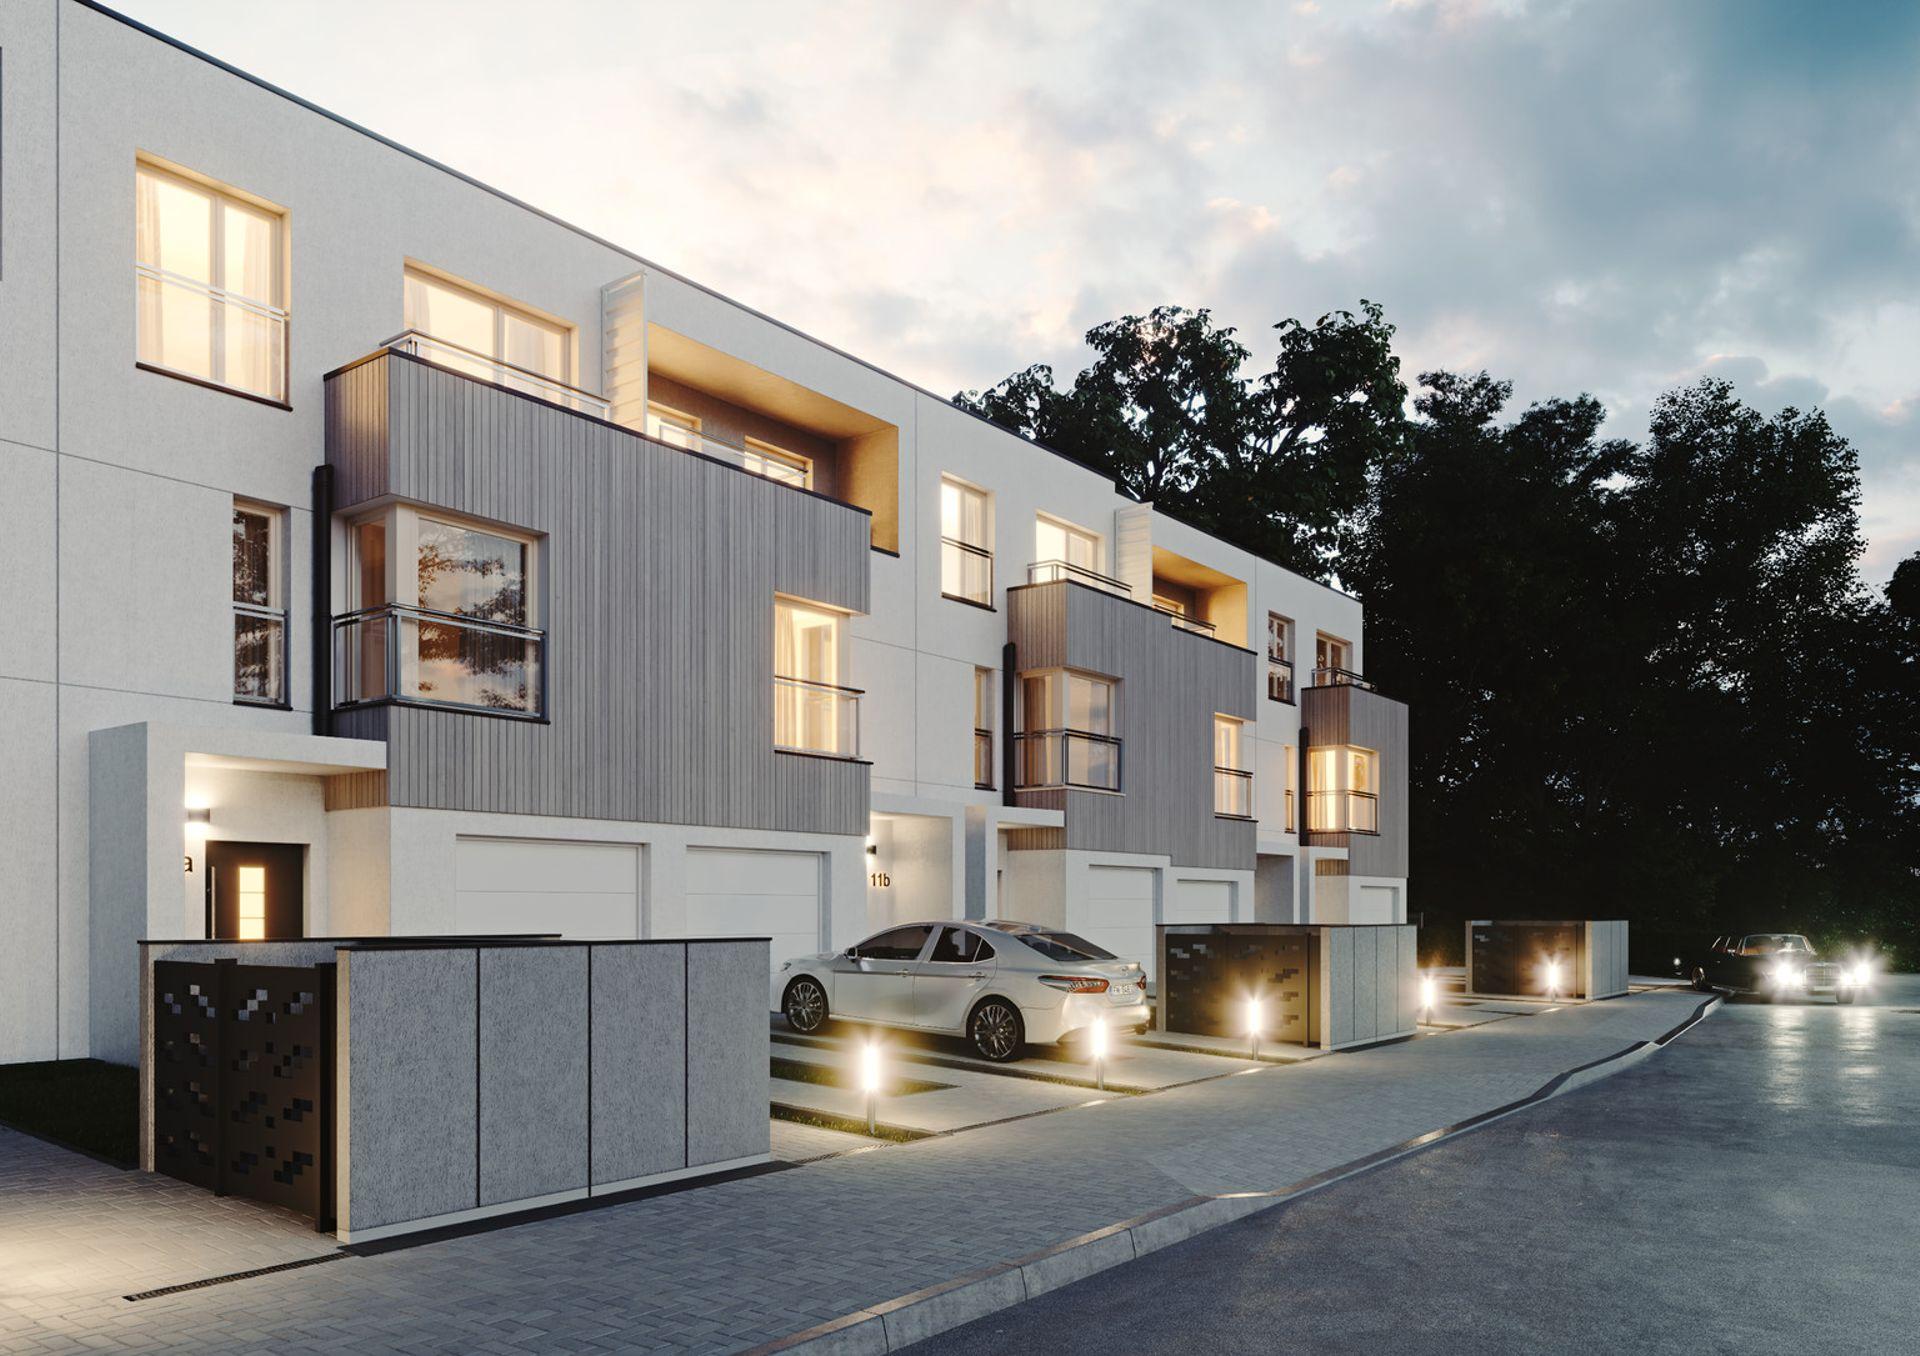 Warszawa: Forest Homes – Real Estate Development stawia szeregówki na Białołęce